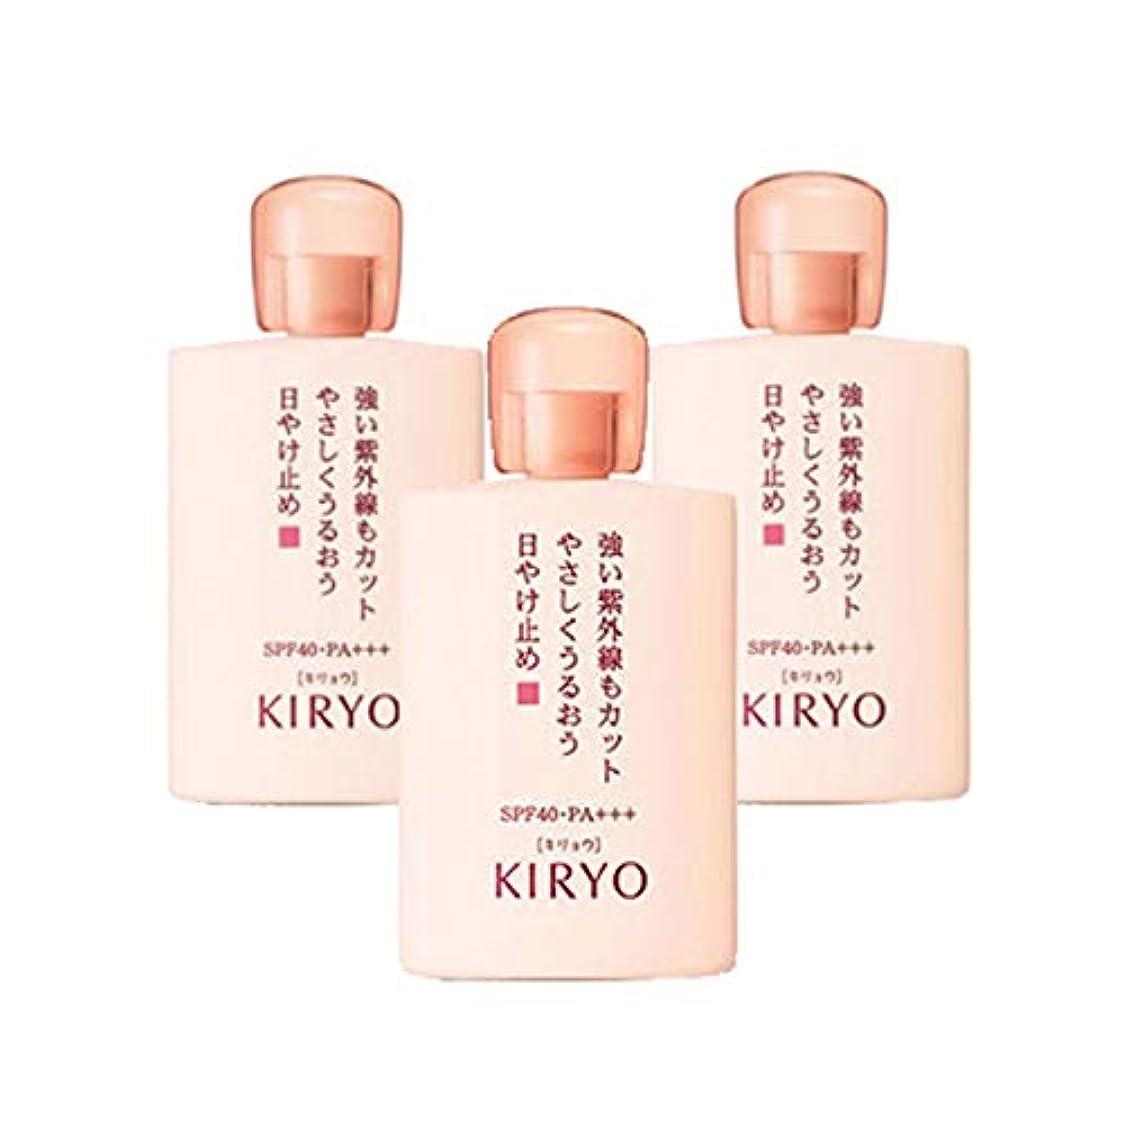 草パスタ高音【資生堂】KIRYO キリョウ サンブロック UV SPF40 PA+++ 50mL× 3個セット【International shipping available】